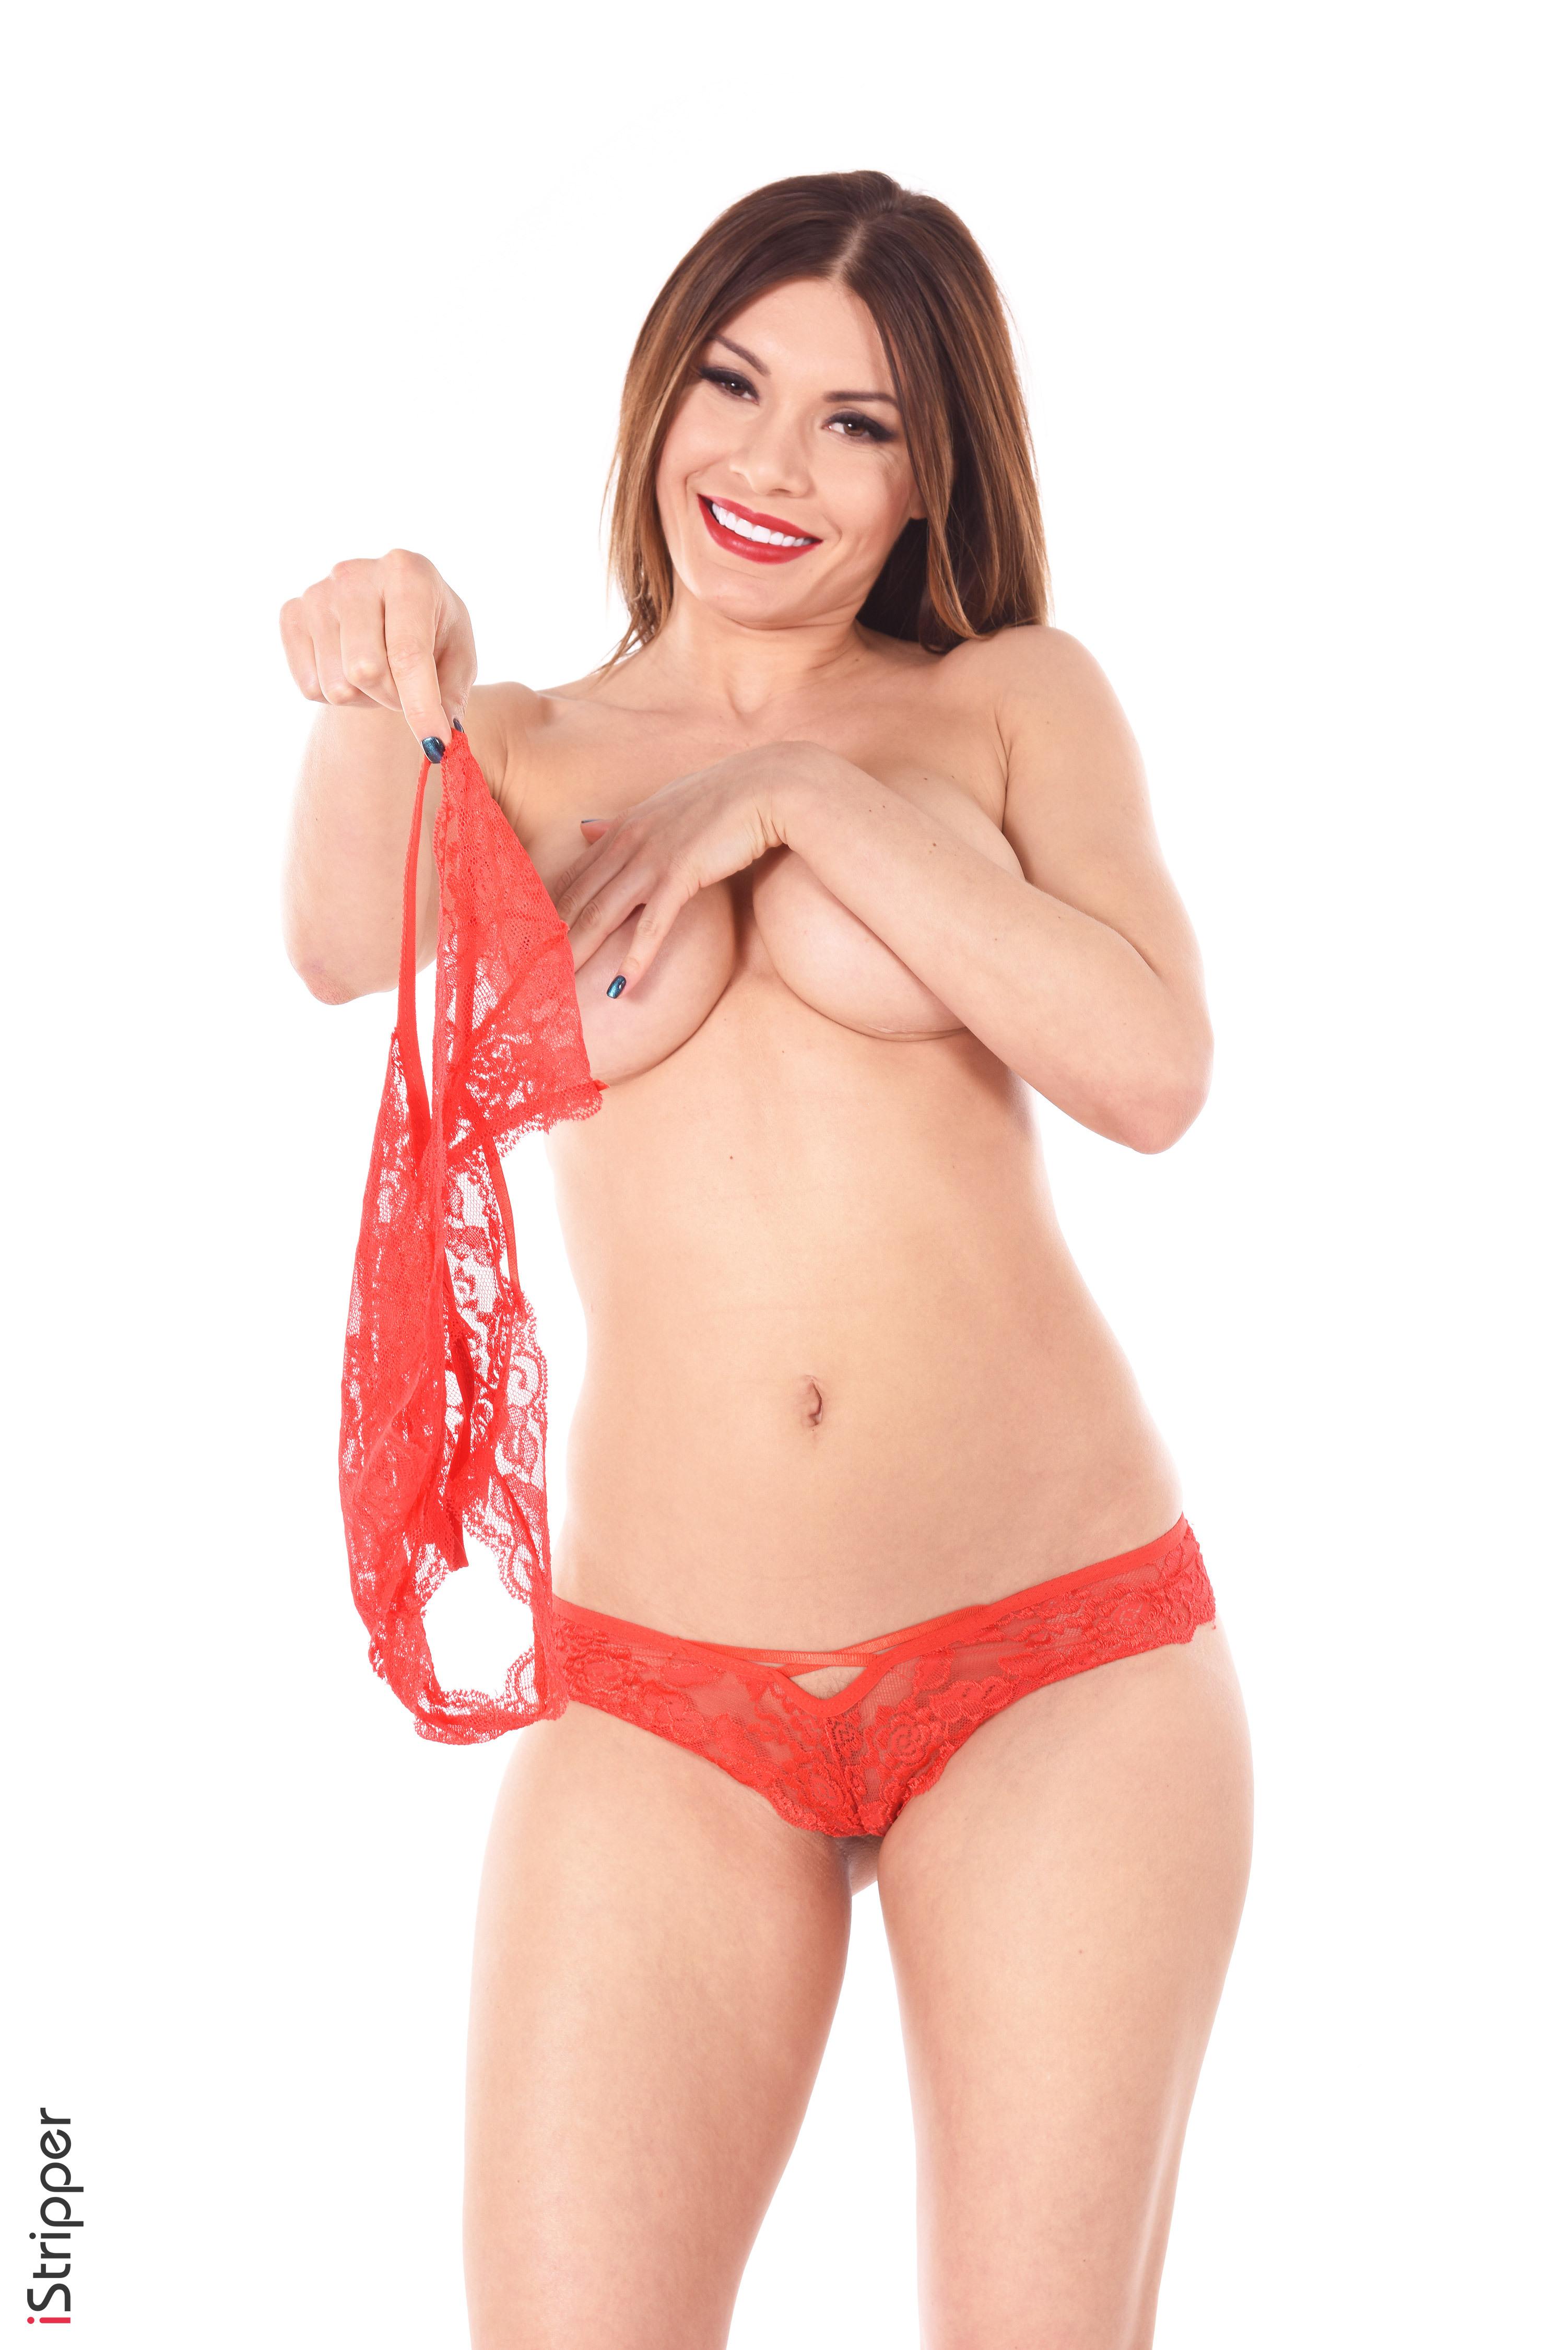 sexy webcam striptease videos